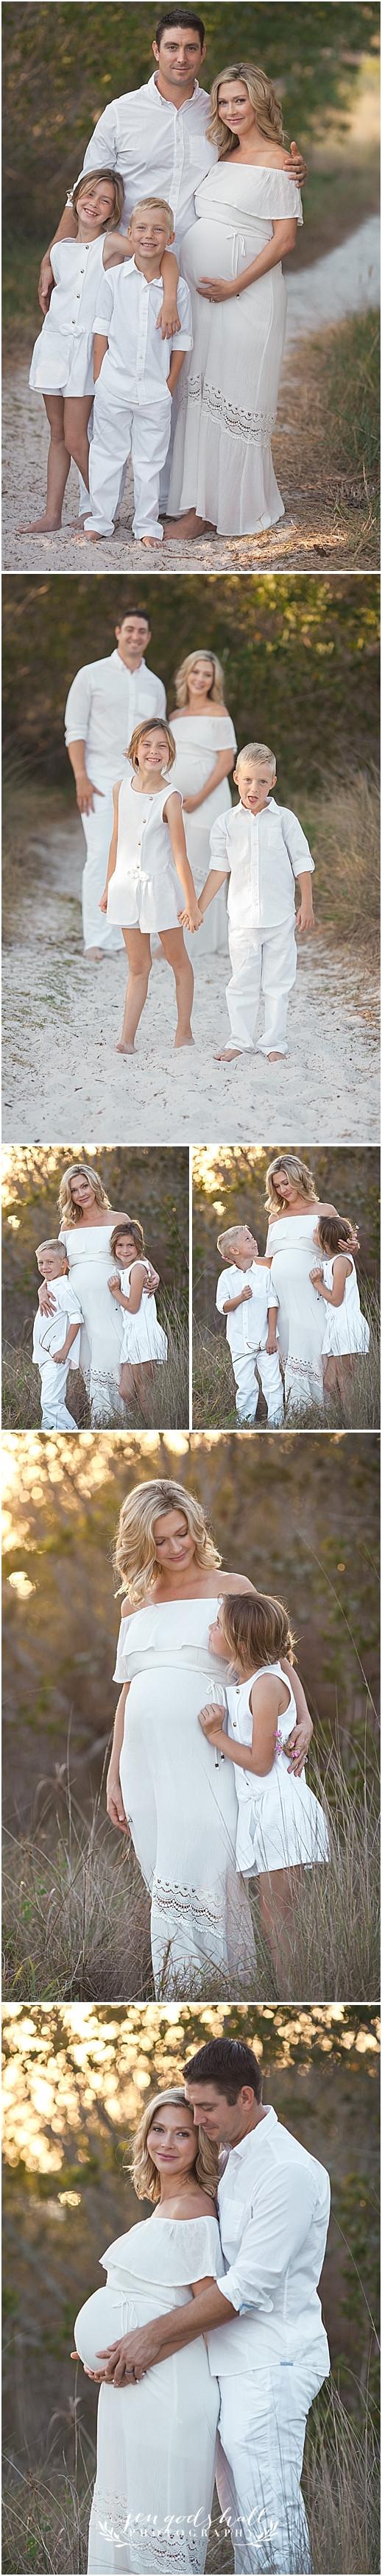 Sarasota Maternity Photographer - Sarasota Family Photographer